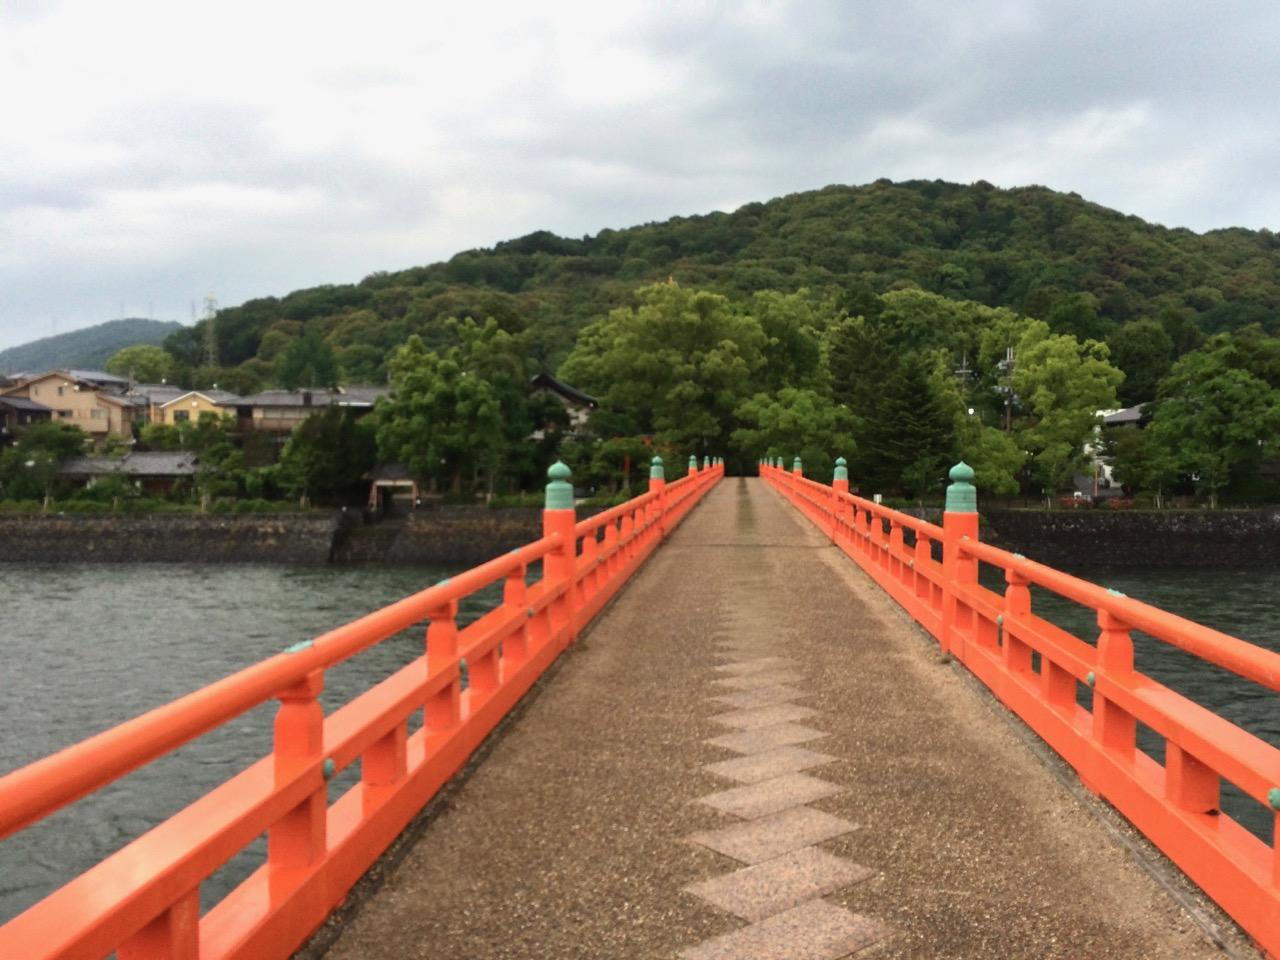 A bridge over Uji river.